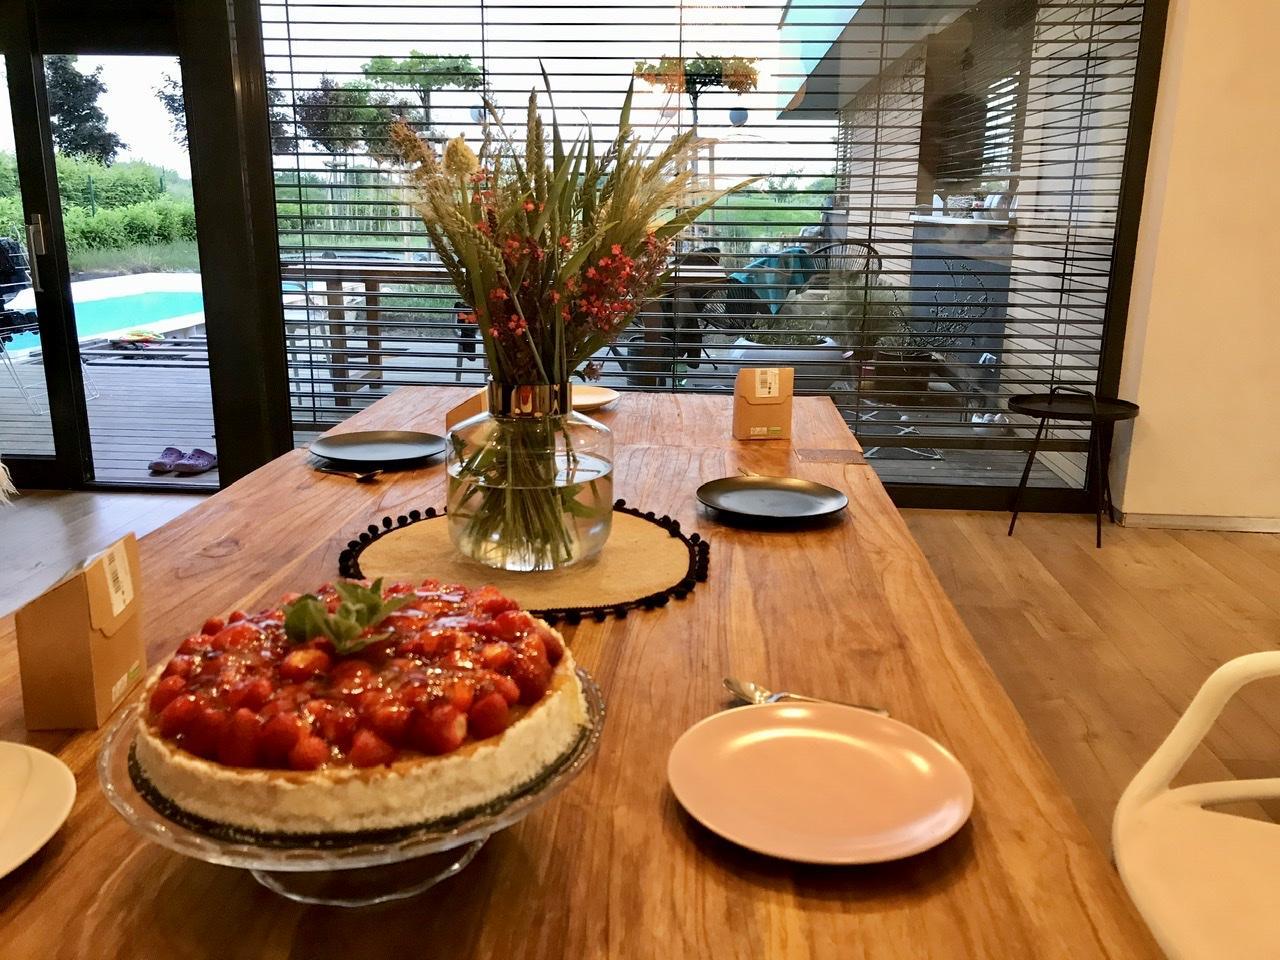 Naše L-ko - 2021 - stále dokončujeme - Krásny deň prajem - tortička z domácich jahod a maty, kvety zo záhrady. Vspomíname i na panelák a veru ta vlastná záhrada je niečo úžasné.